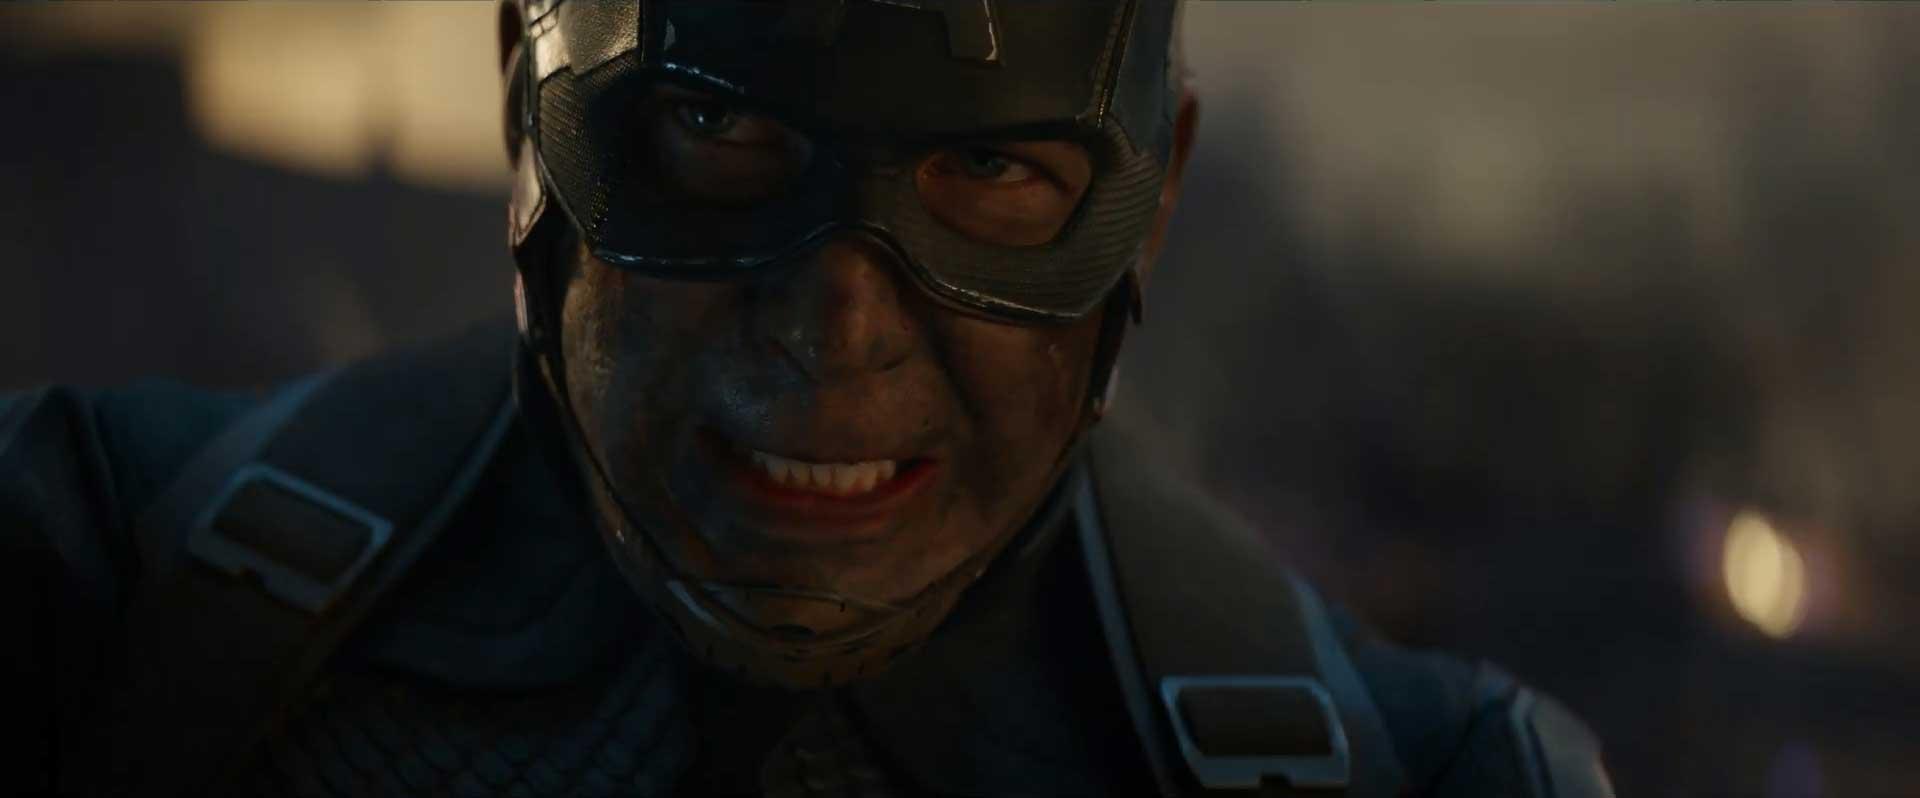 Avengers Endgame Trailer 2 Breakdown - Steve Rogers Captain America Final Stand Titan